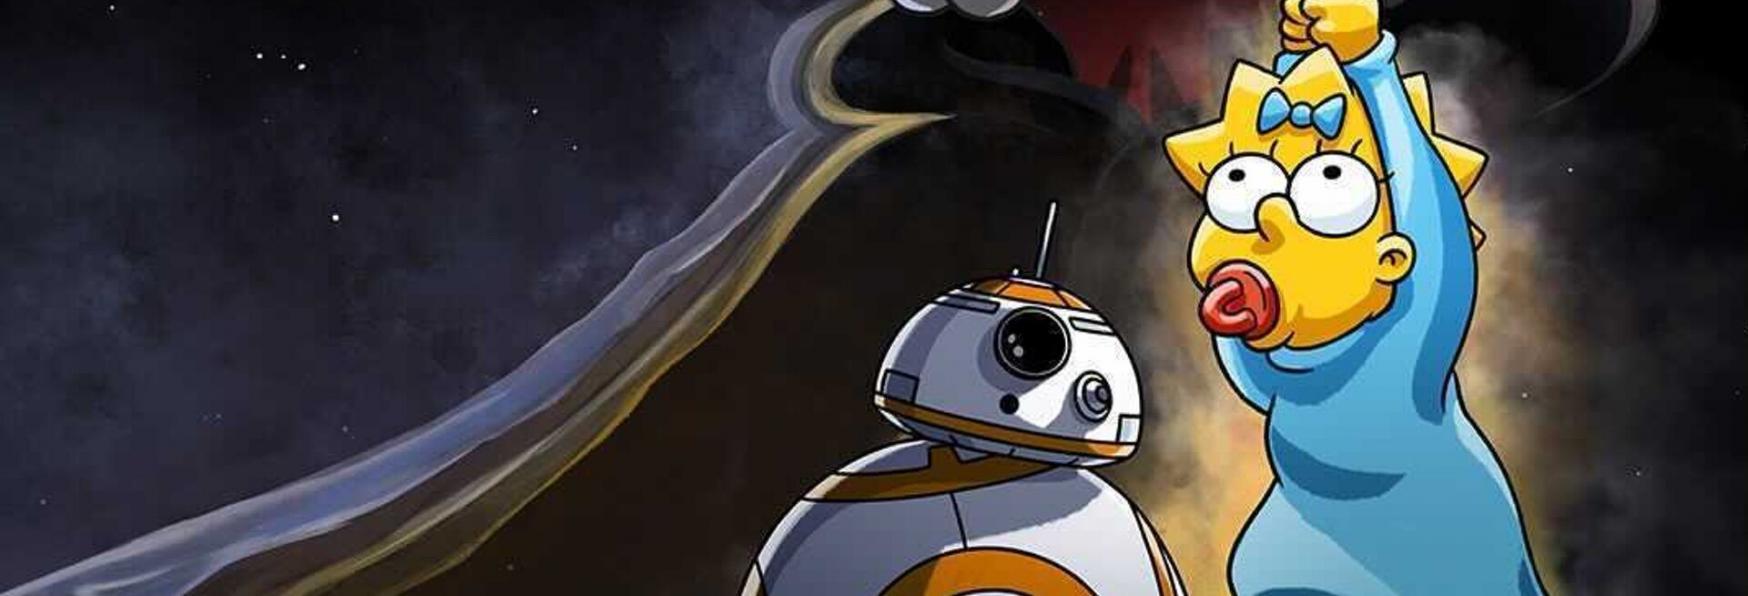 Disney+ rivela i piani per lo Star Wars Day, incluso un Crossover de I Simpson